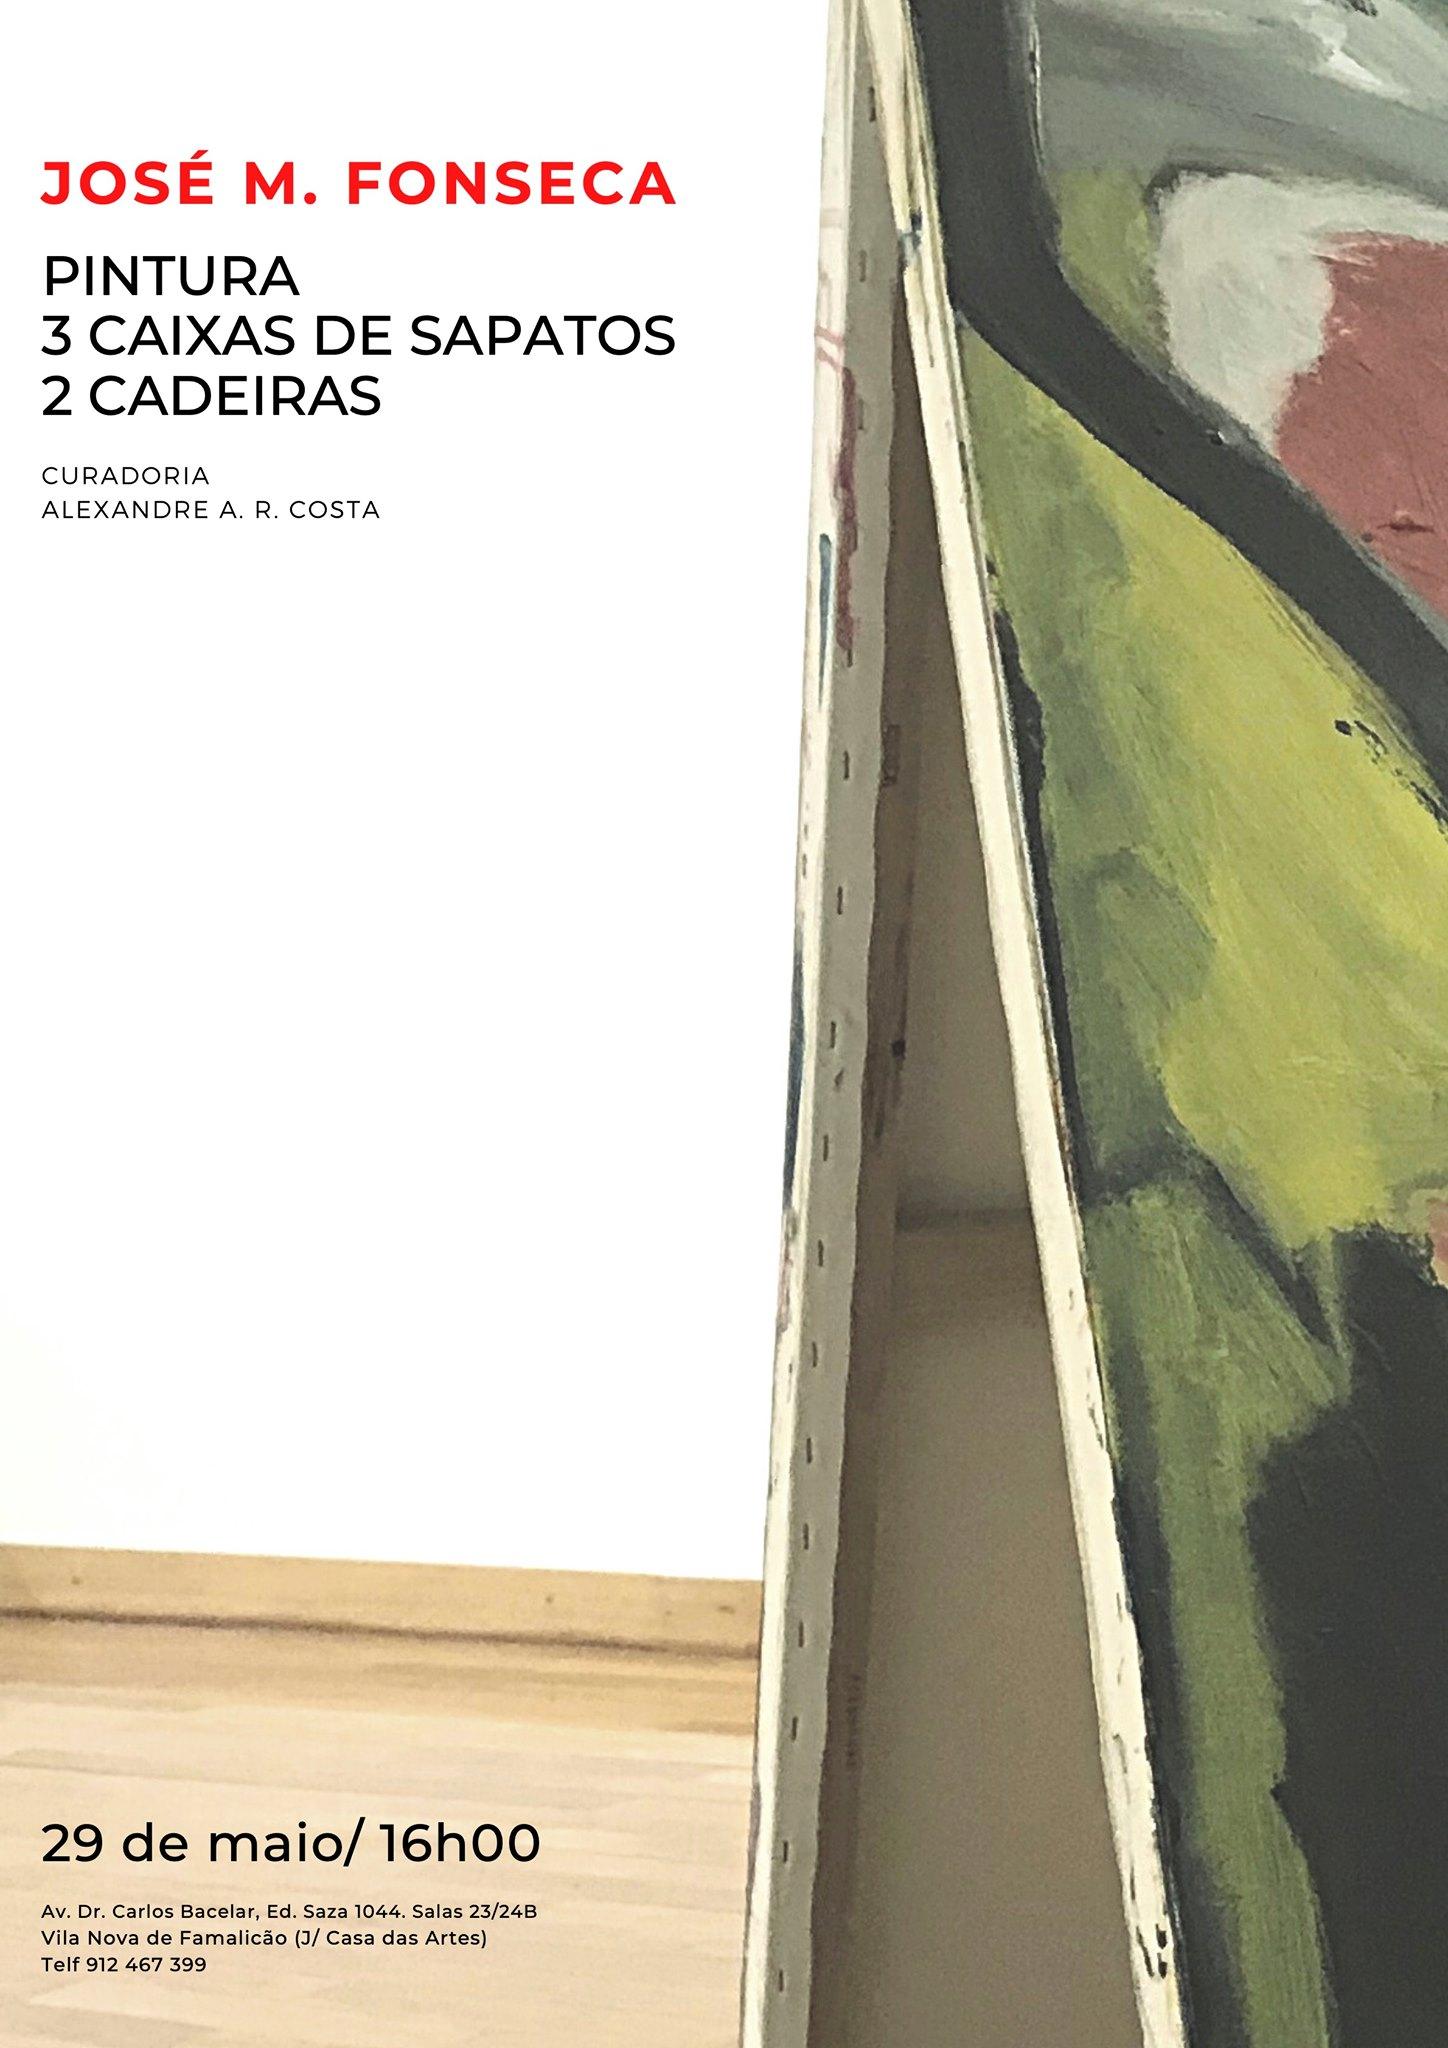 PINTURA 3 CAIXAS DE SAPATOS 2 CADEIRAS